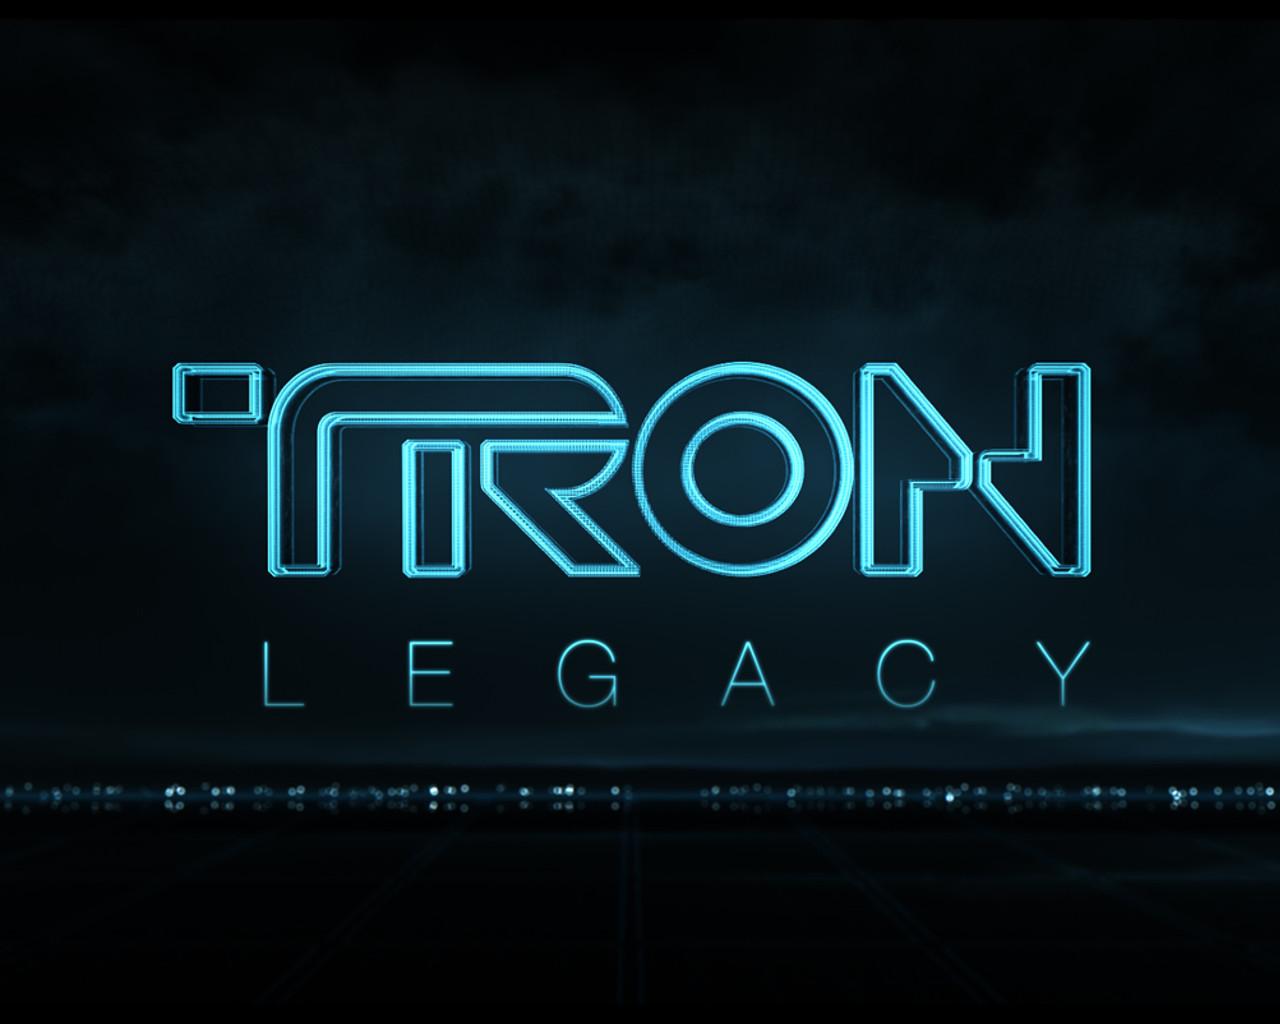 http://1.bp.blogspot.com/_OaWn5jFMJ08/TSYZQgberXI/AAAAAAAABBs/n9M5FinokmI/s1600/Tron_Legacy_Wallpaper-1.jpg